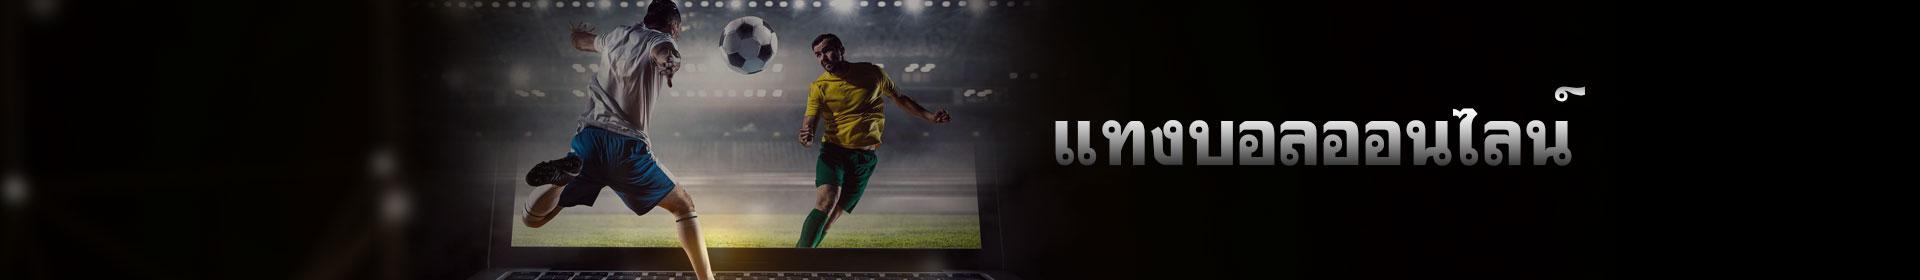 เว็บแทงบอลออนไลน์ - Sport Betting LuckyNiki